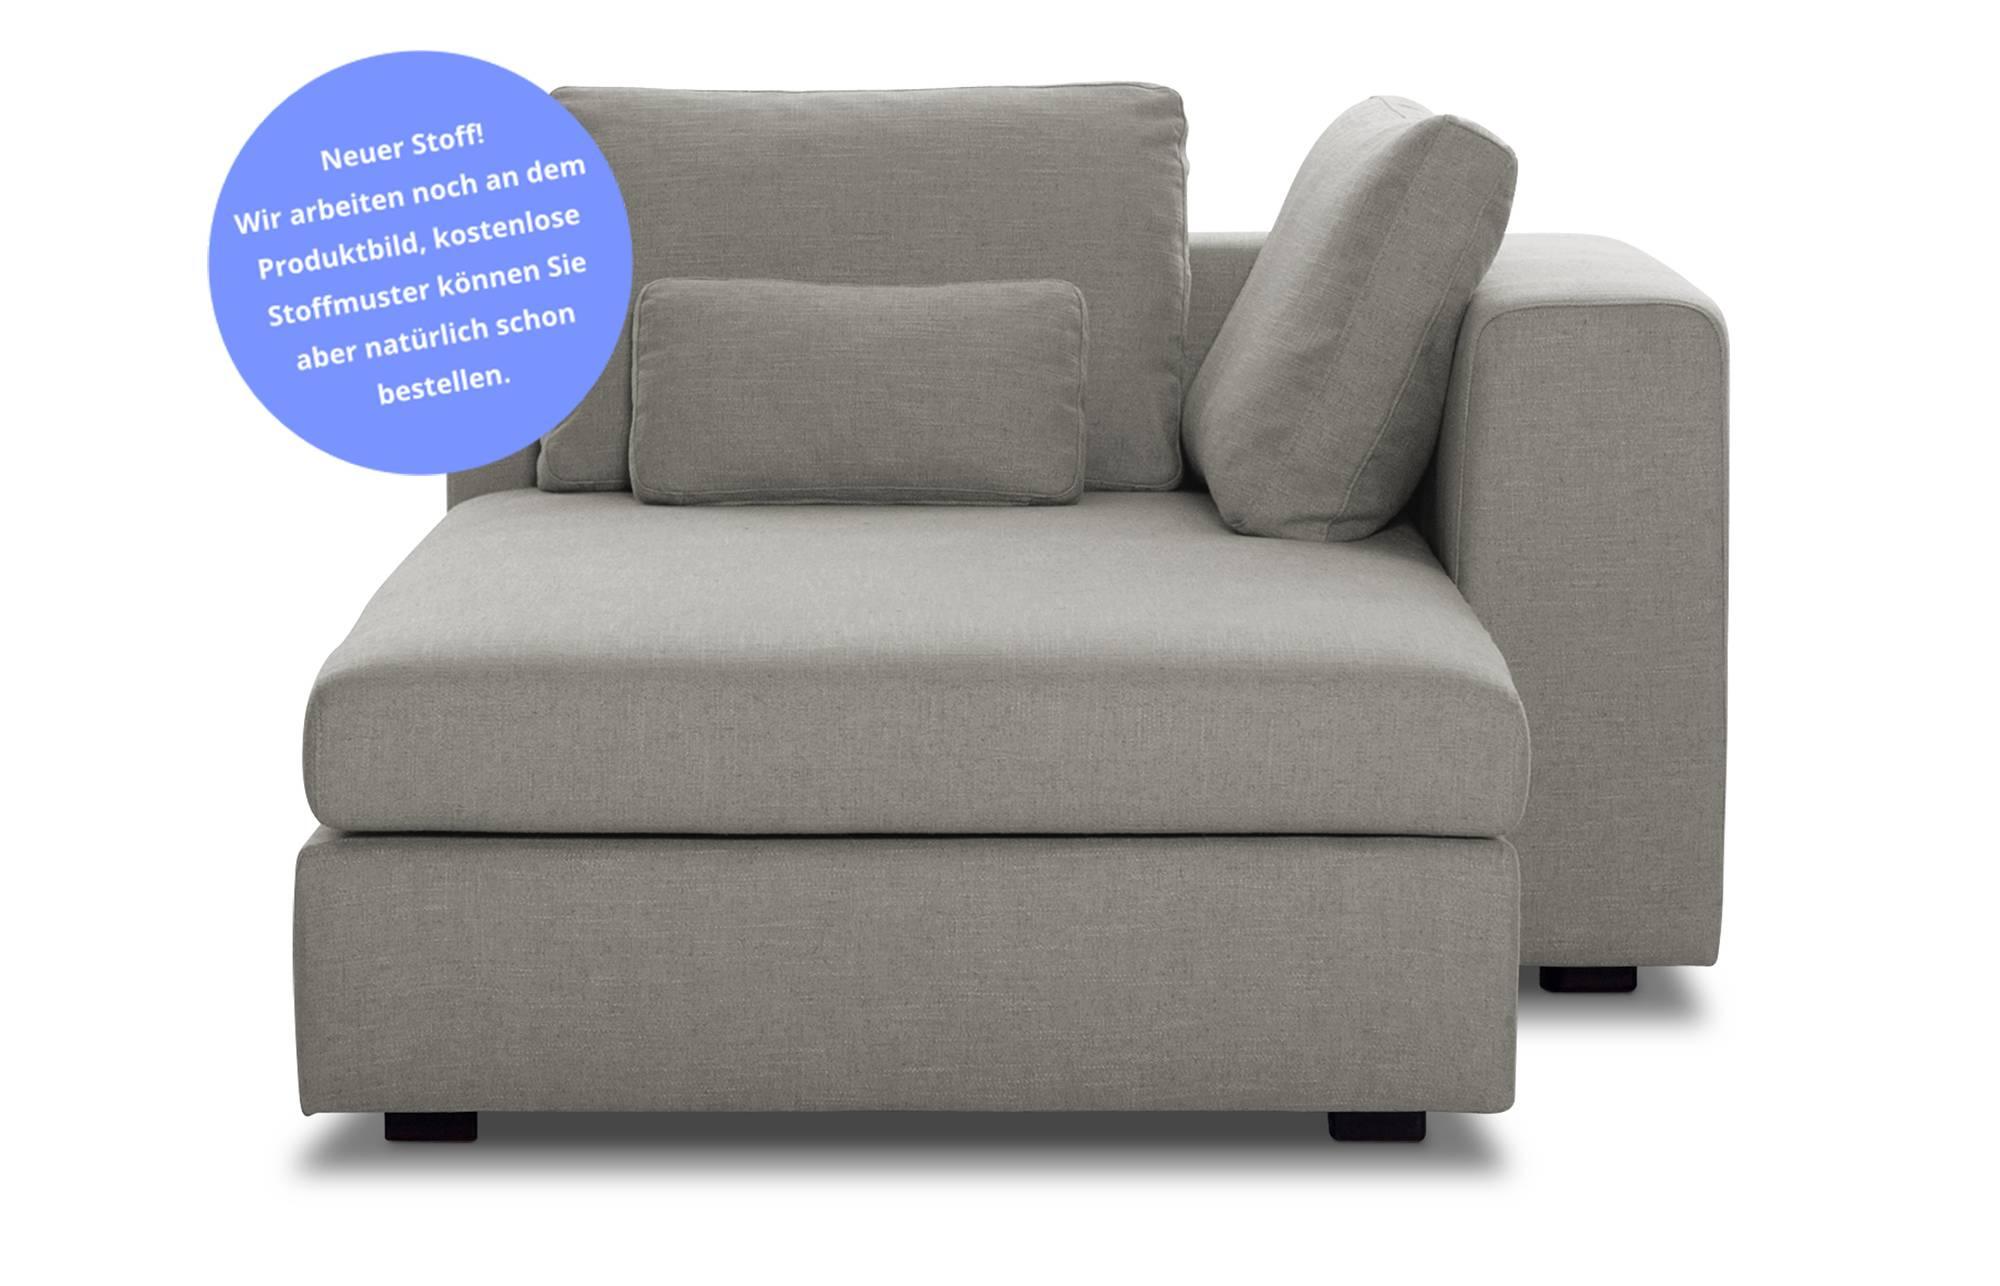 Full Size of Recamiere Samt Modulsofa Brick Sitzfeldtcom Sofa Mit Wohnzimmer Recamiere Samt